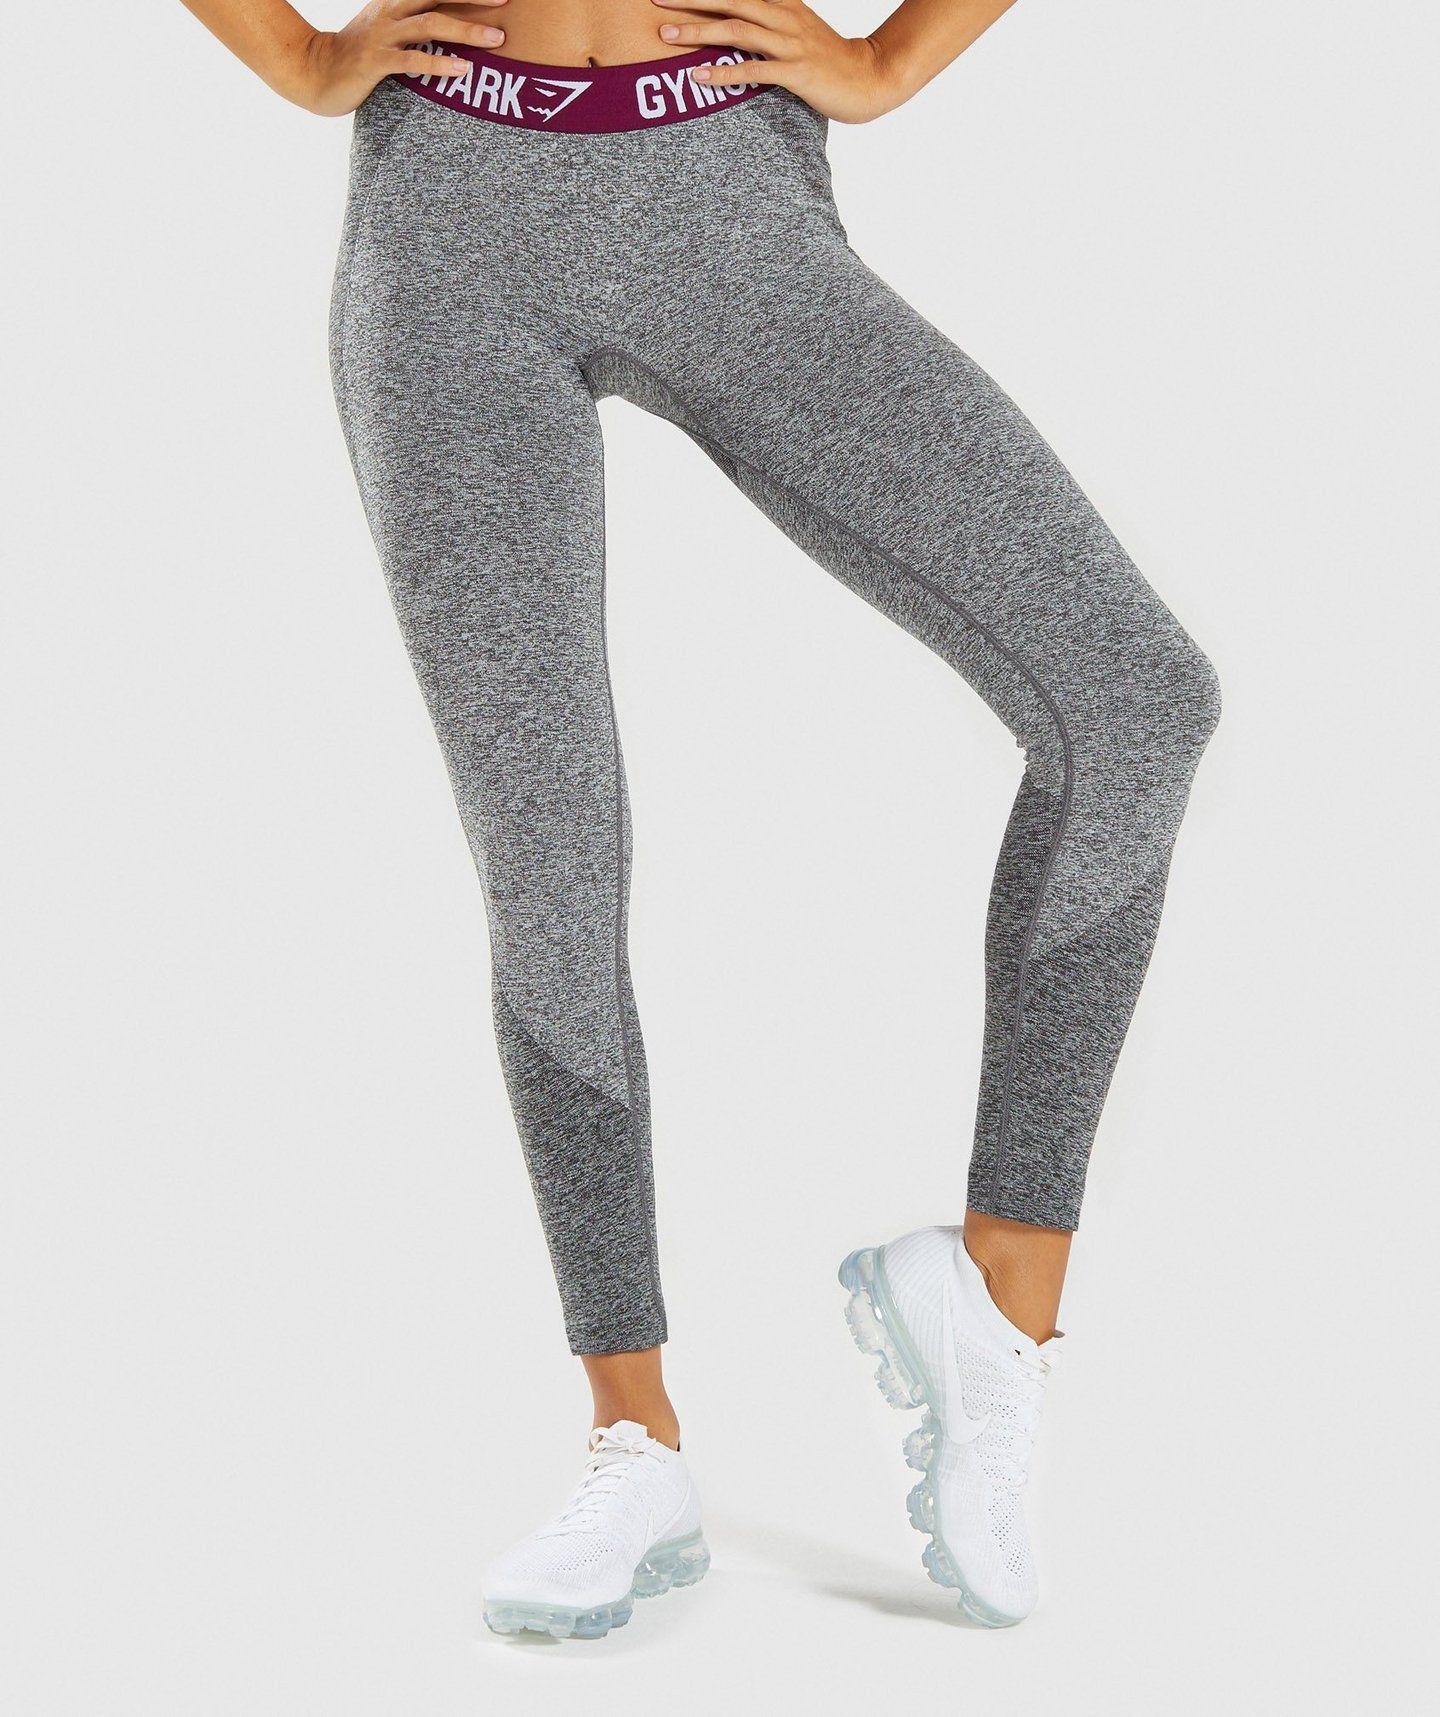 a0a6d2c6083bd Gymshark Flex Leggings - Charcoal/Deep Plum 4 | fallllll | Gymshark ...